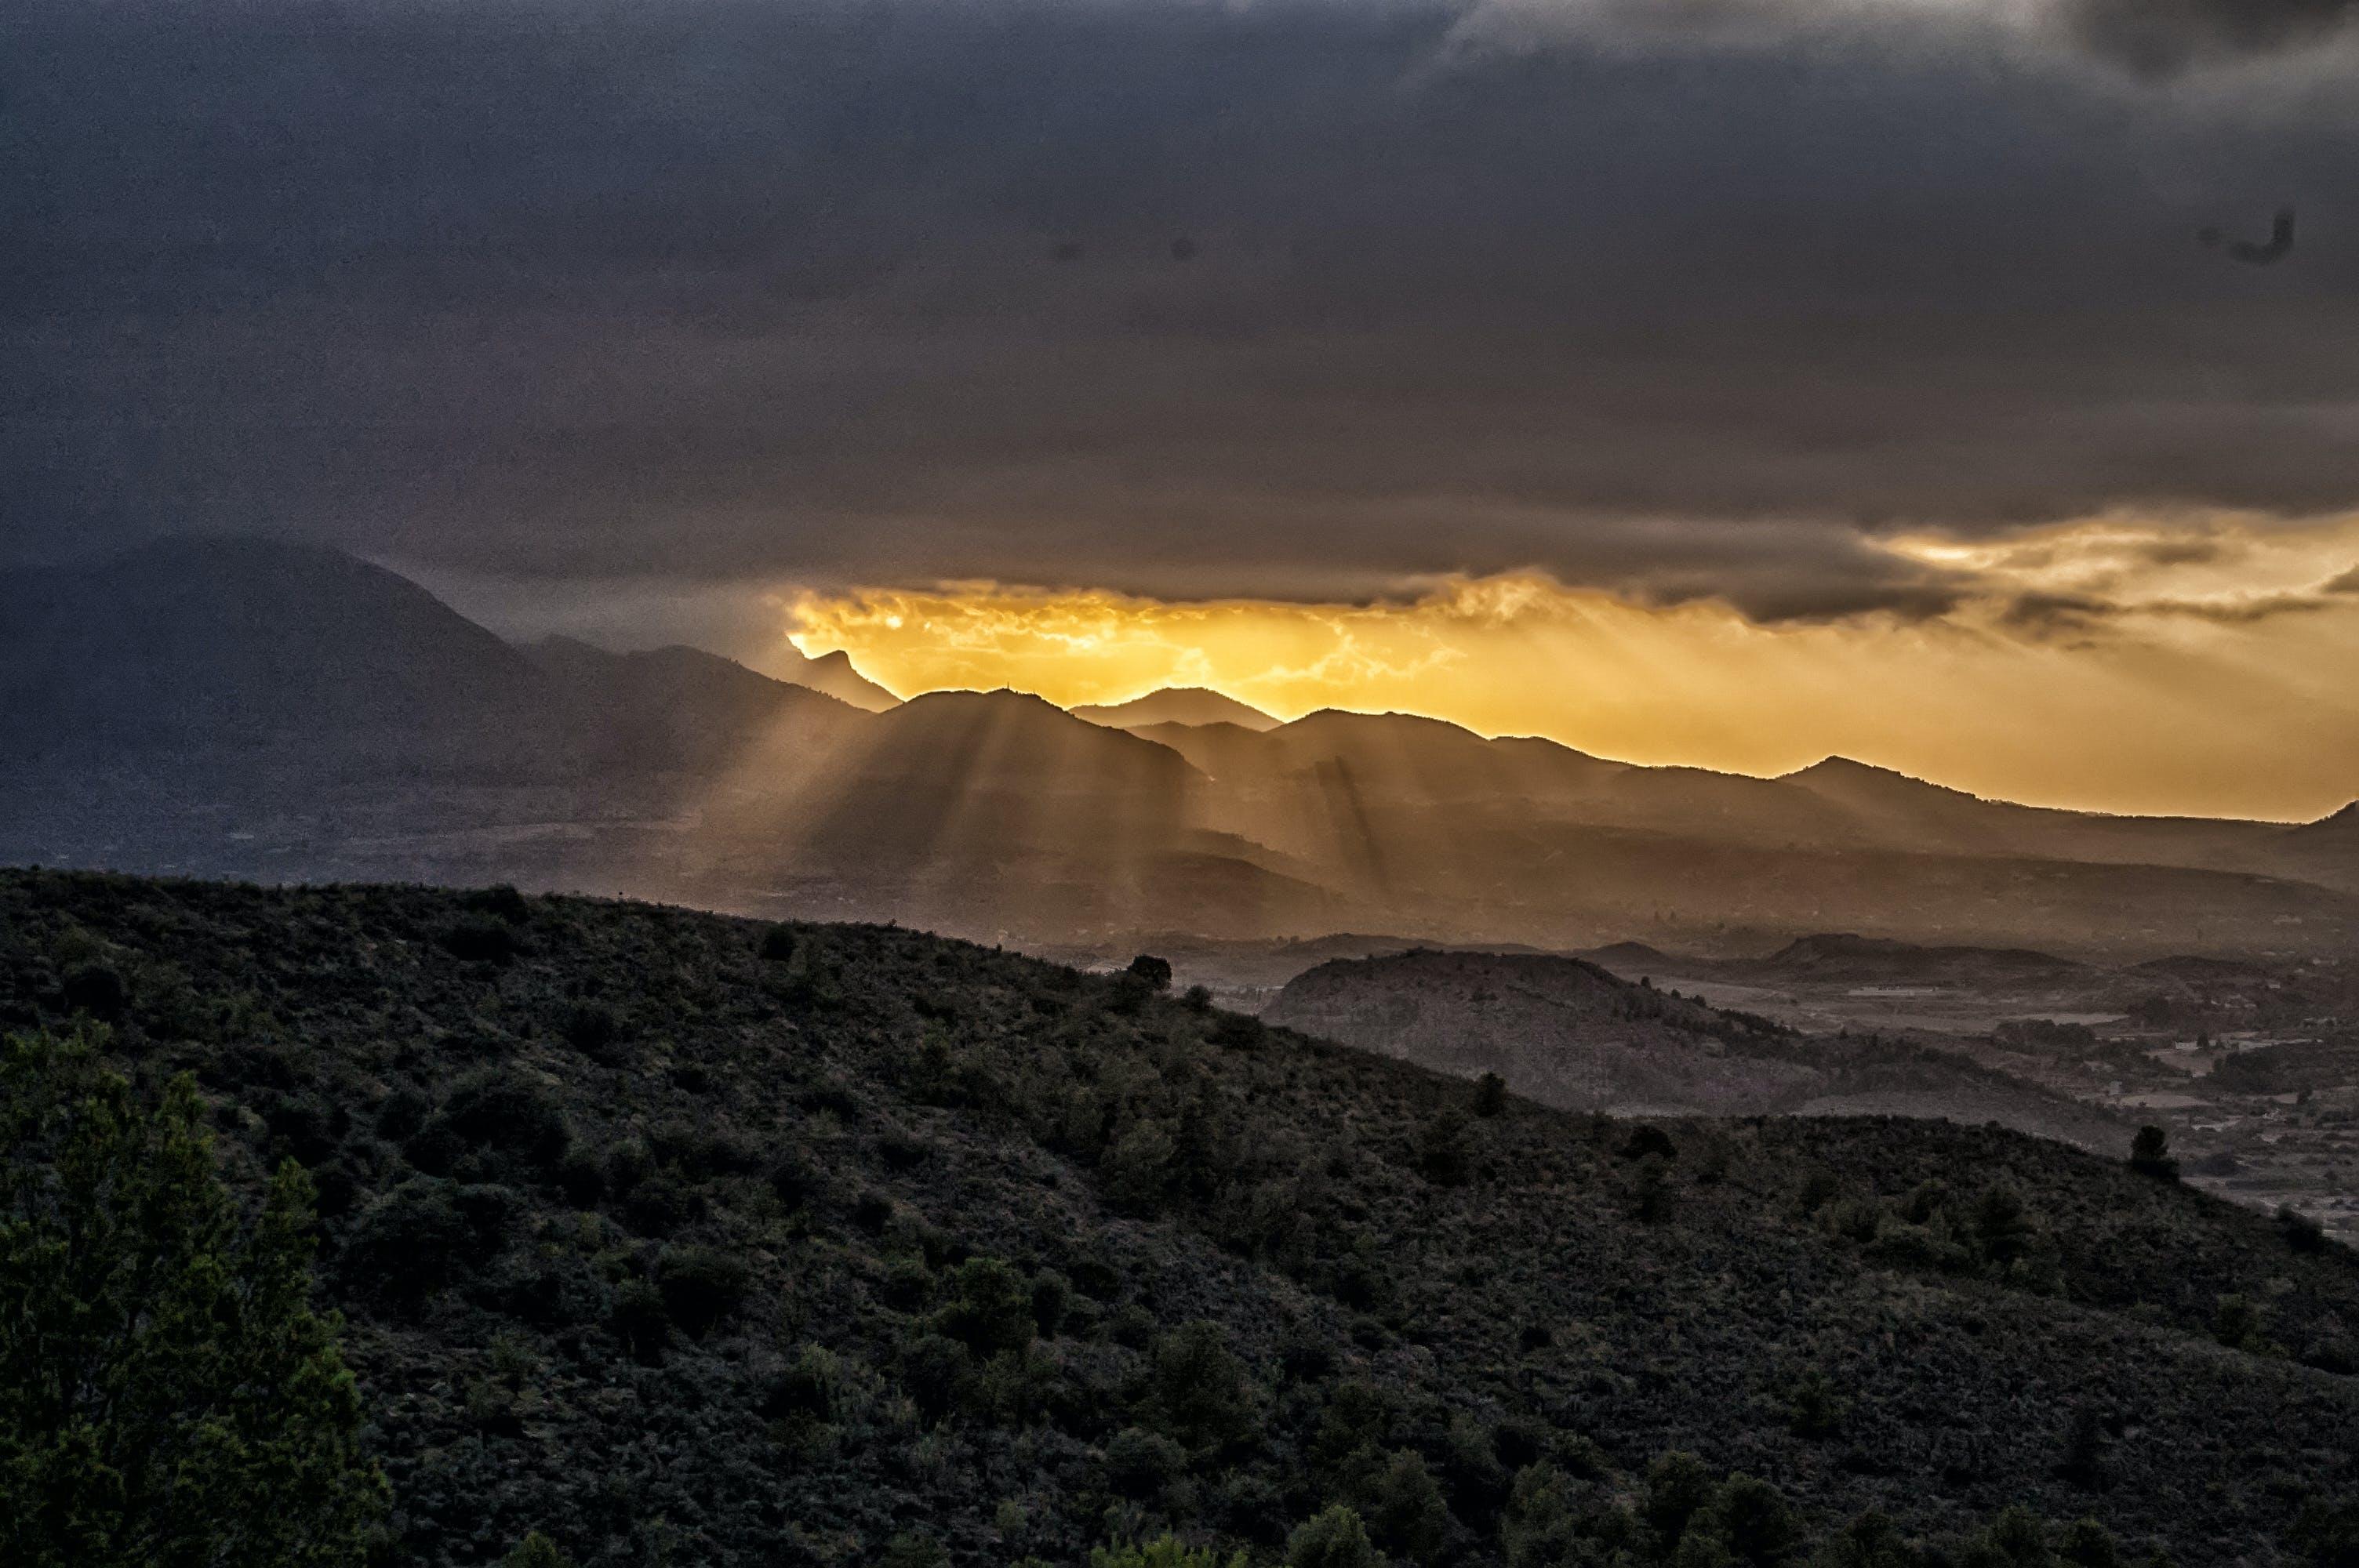 Kostenloses Stock Foto zu himmel, landschaft, natur, sonnenuntergang